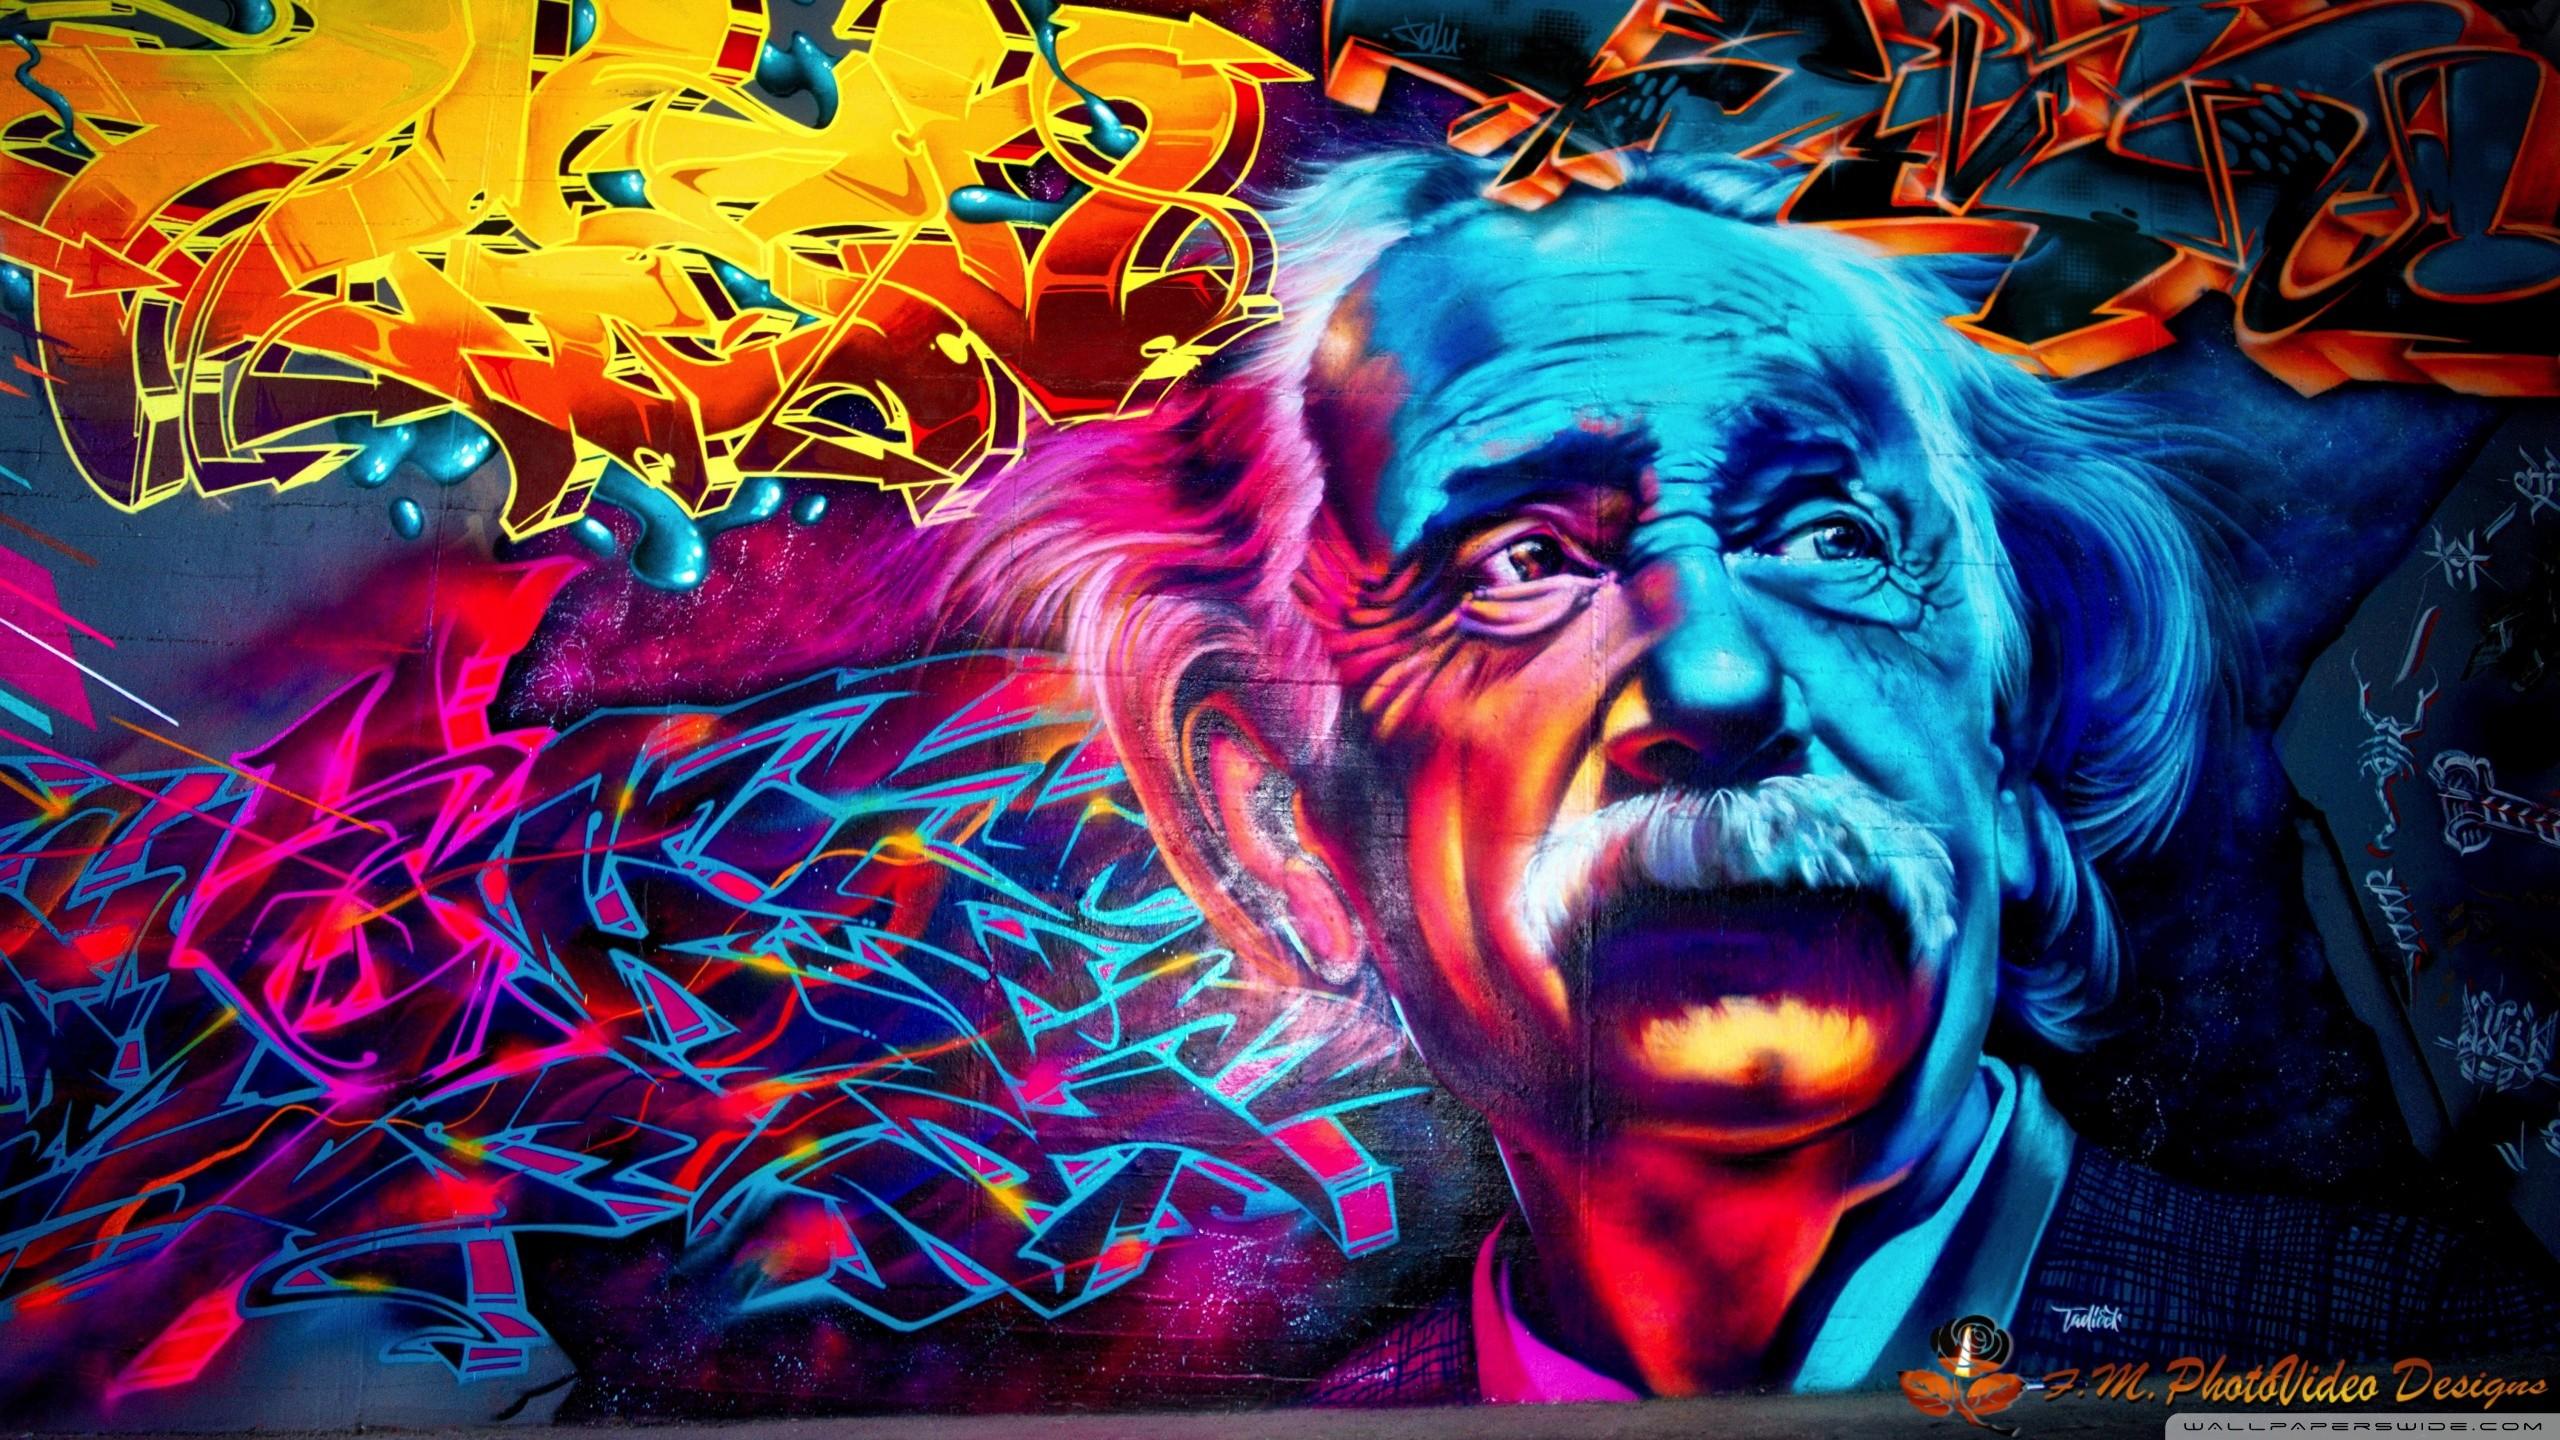 unique design art wallpapers wallpaper cave unique design art wallpapers